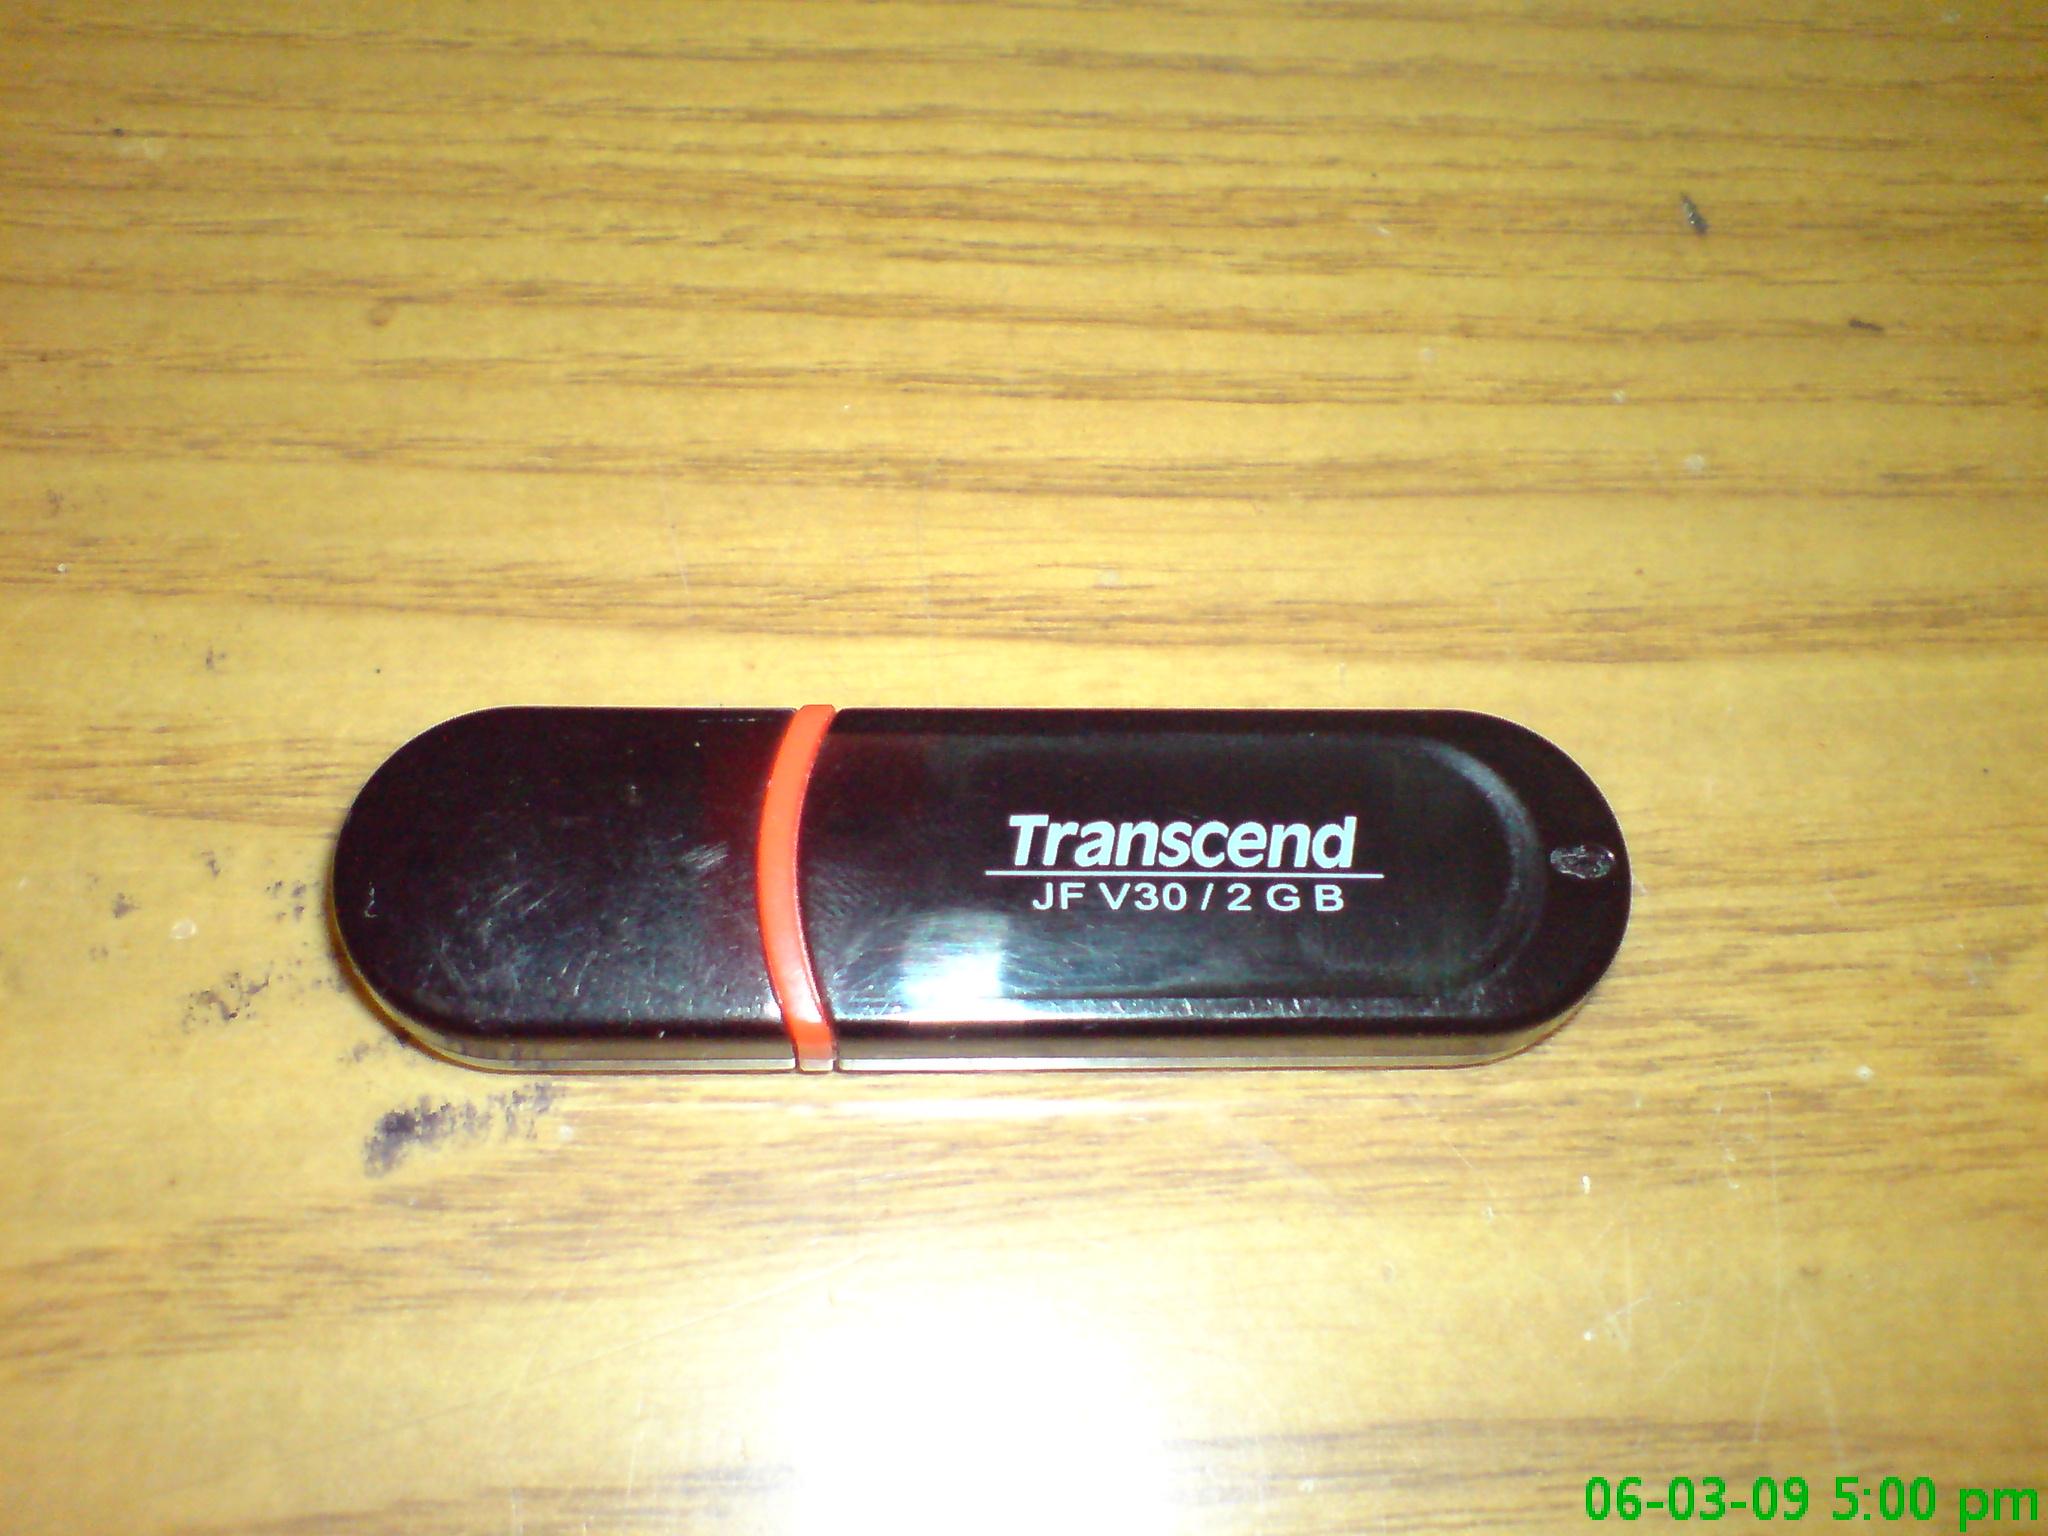 Transcend Information Wikipedia Storejet 1tb 25amp039 Usb 30 25m3 Jf V30 2gb Flash Drive